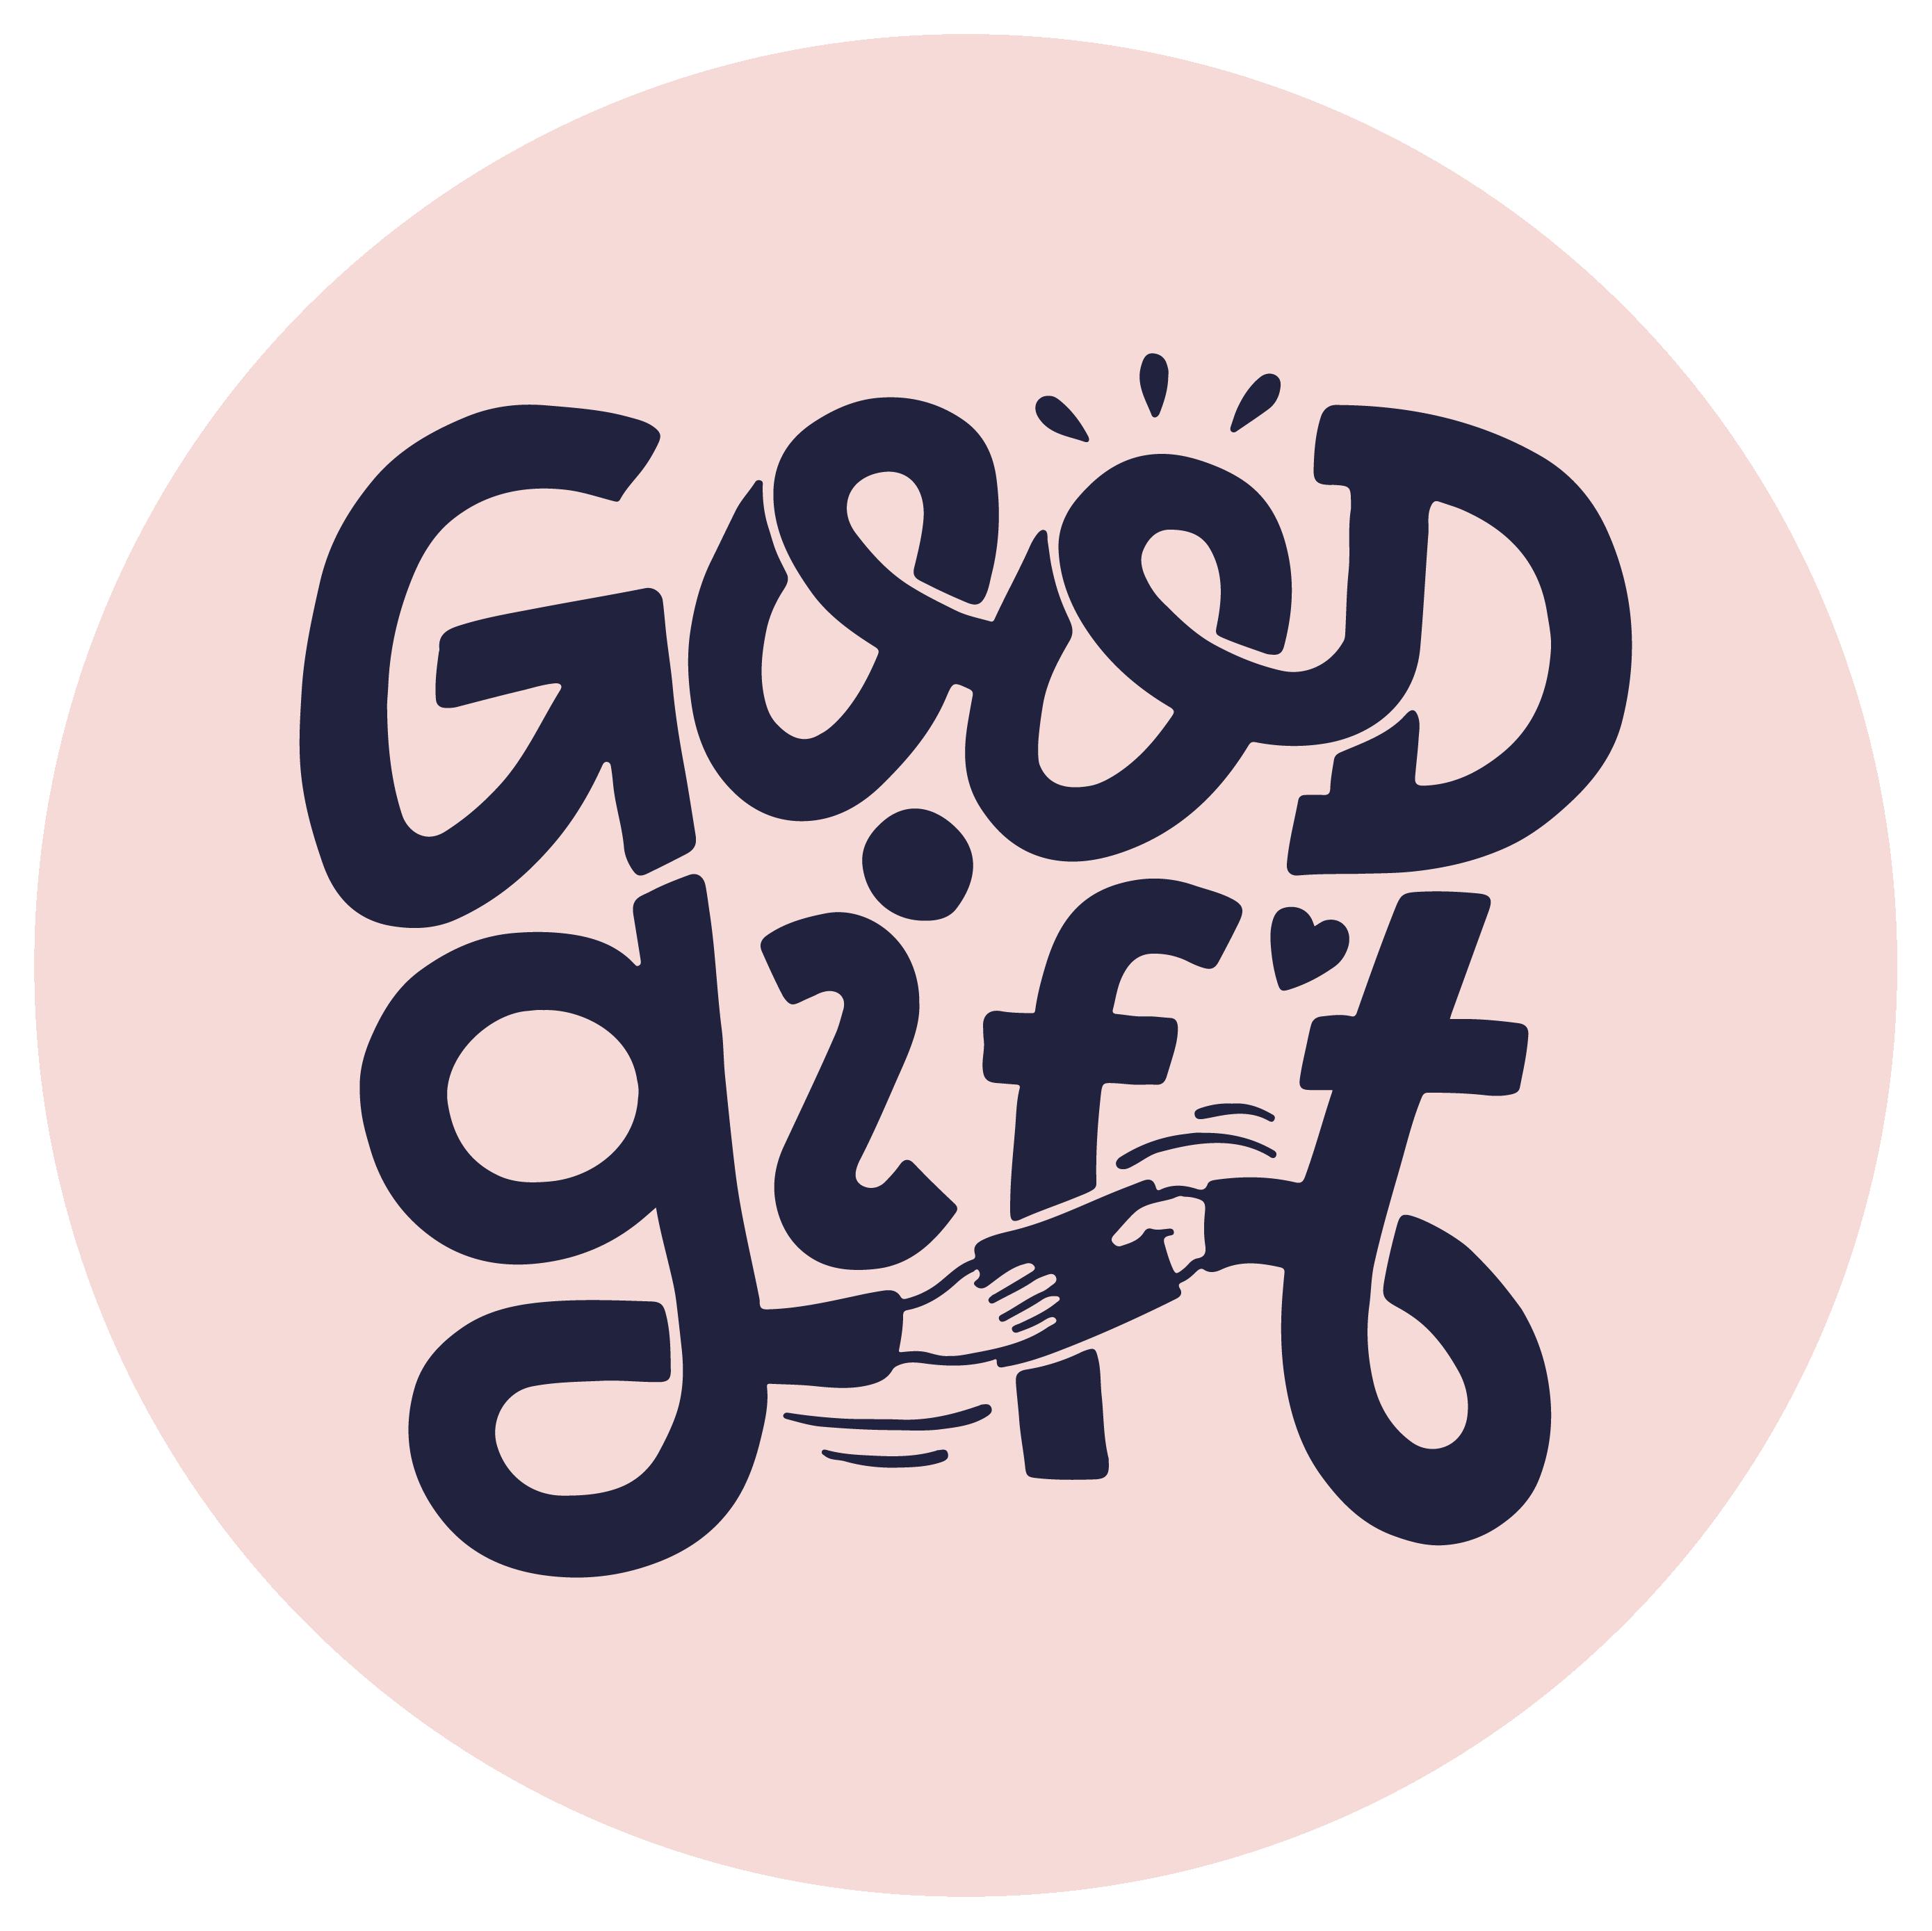 logo-cirkel-postransparant Wilt u ons steunen met een gift?